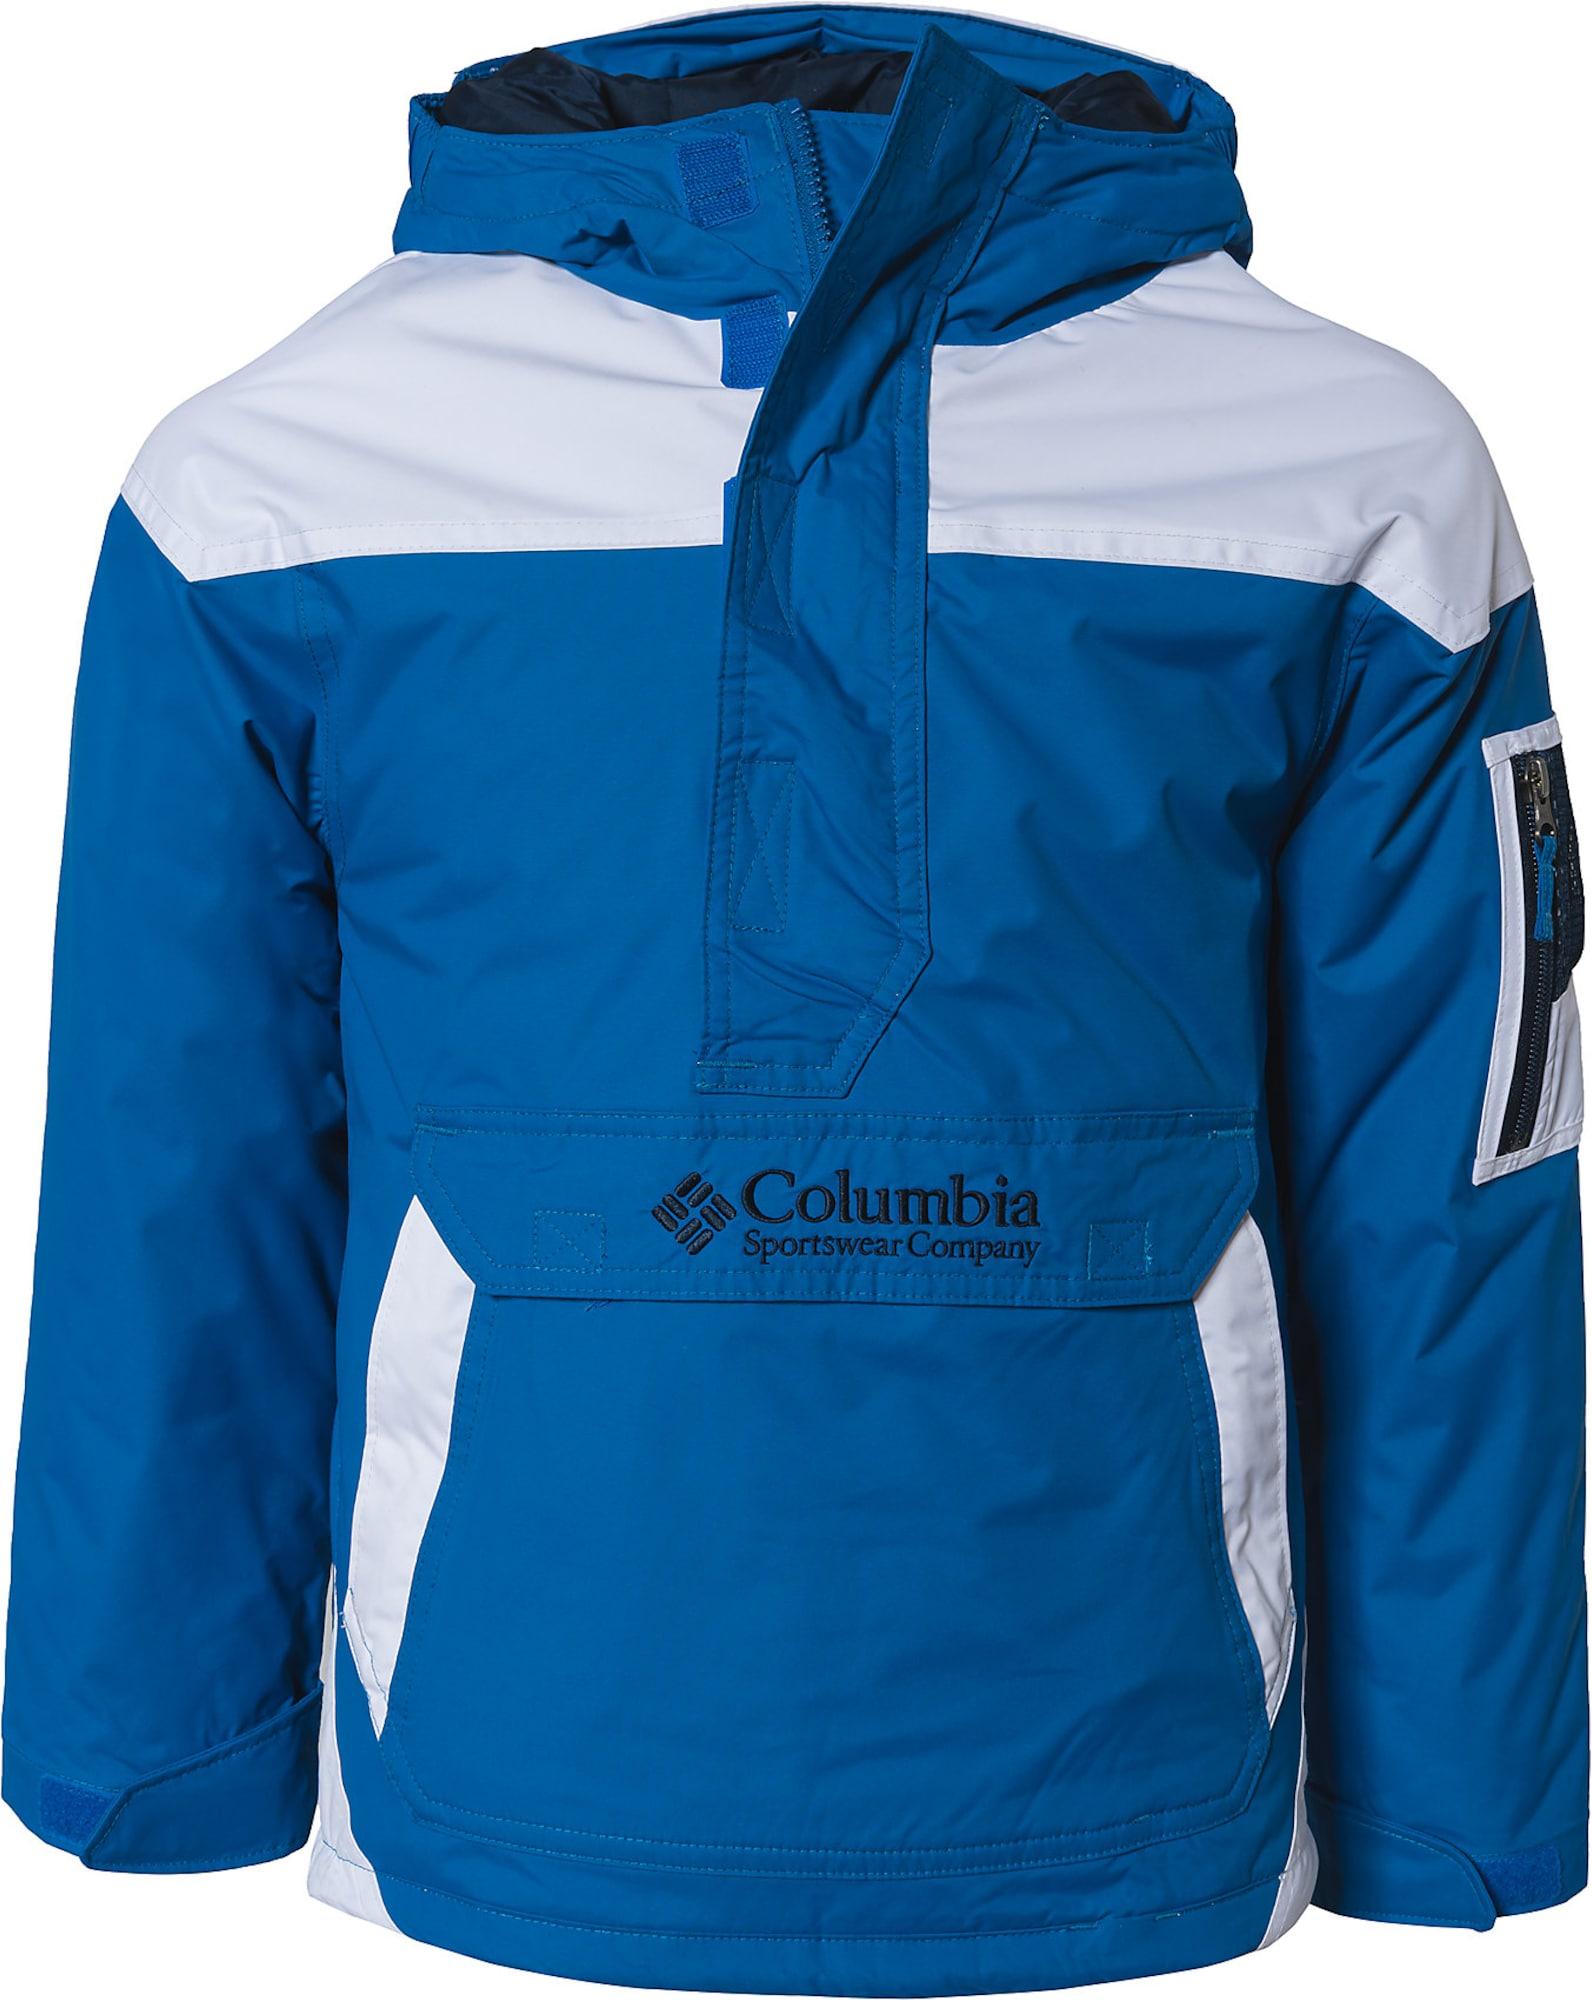 COLUMBIA Laisvalaikio striukė tamsiai mėlyna / šviesiai mėlyna / balta